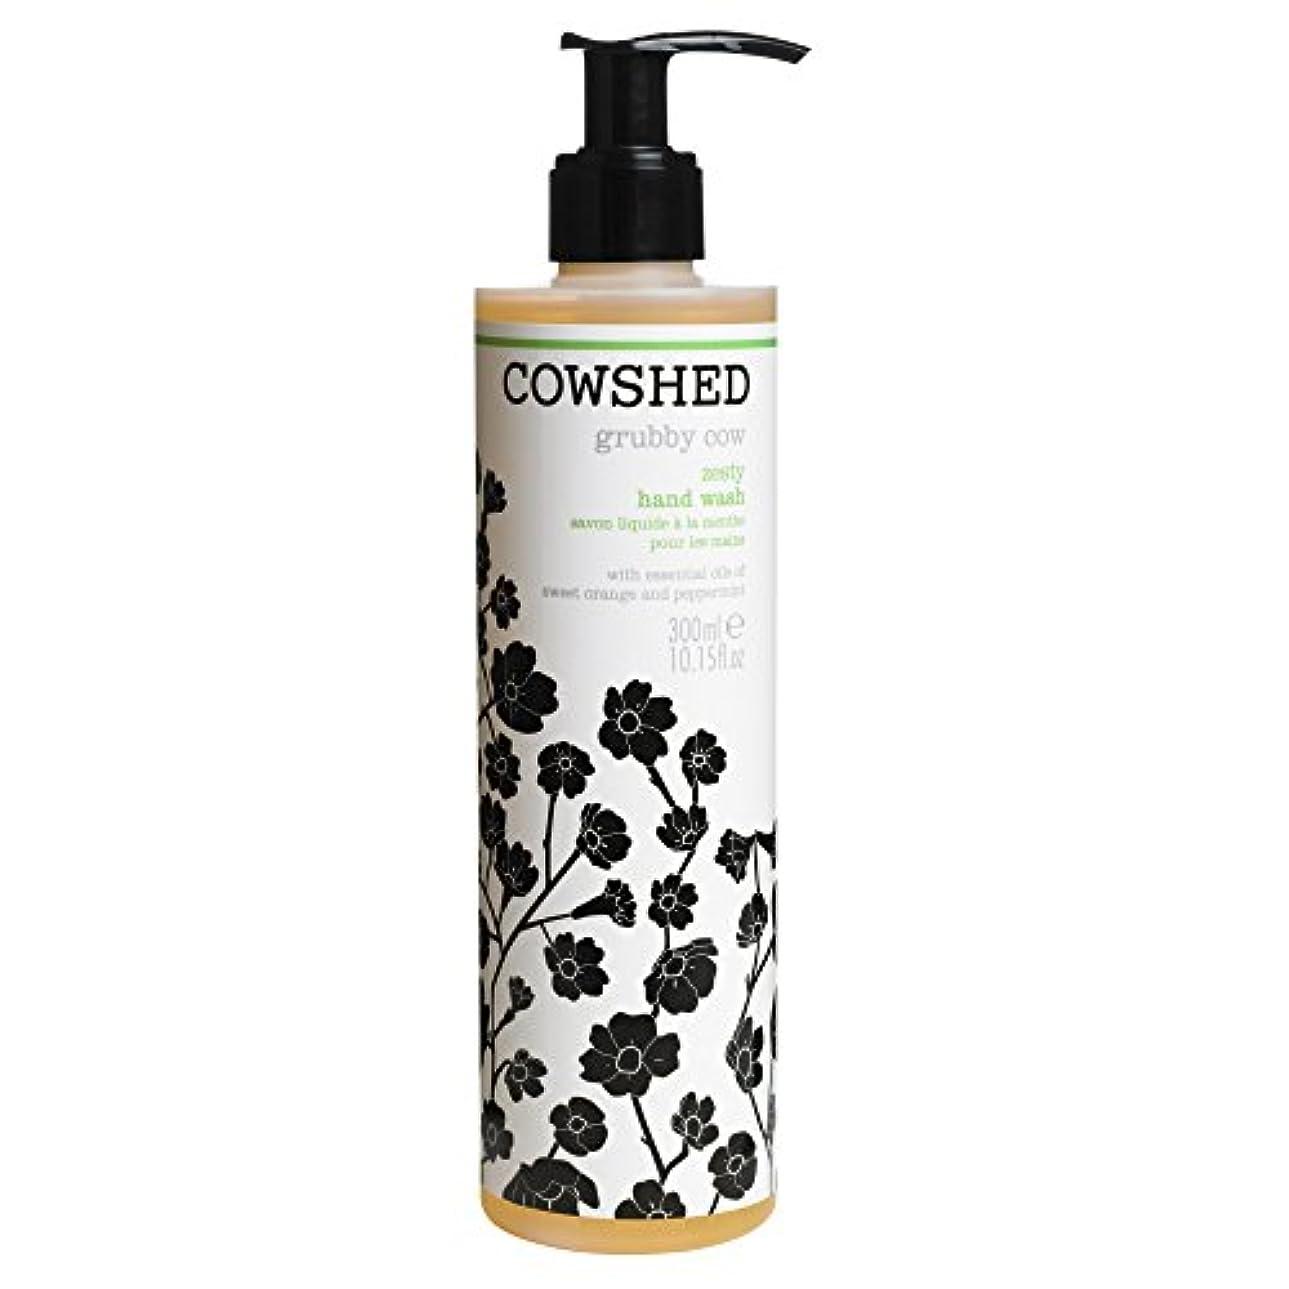 変形する通常支配する牛舎汚い牛ピリッハンドウォッシュ300ミリリットル (Cowshed) - Cowshed Grubby Cow Zesty Hand Wash 300ml [並行輸入品]